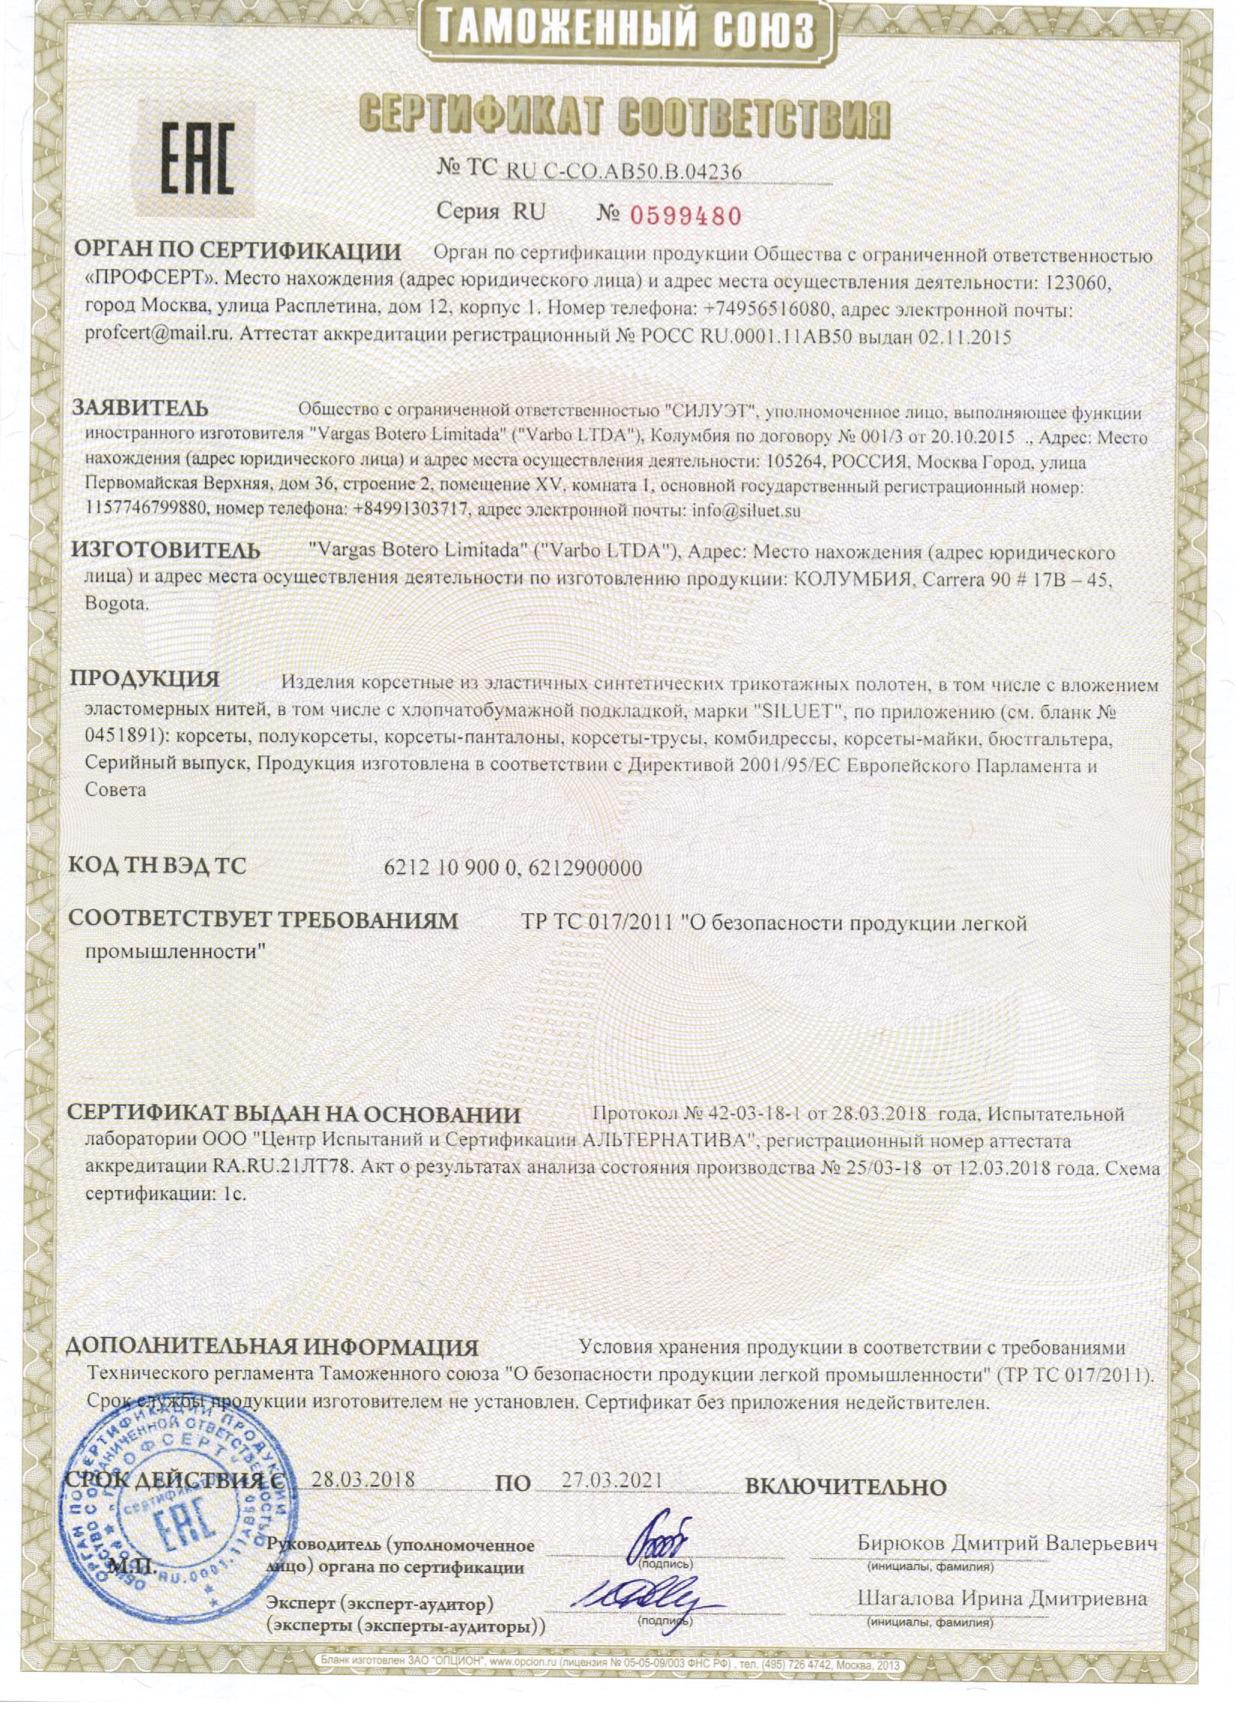 Сертификат соответствия стр 1